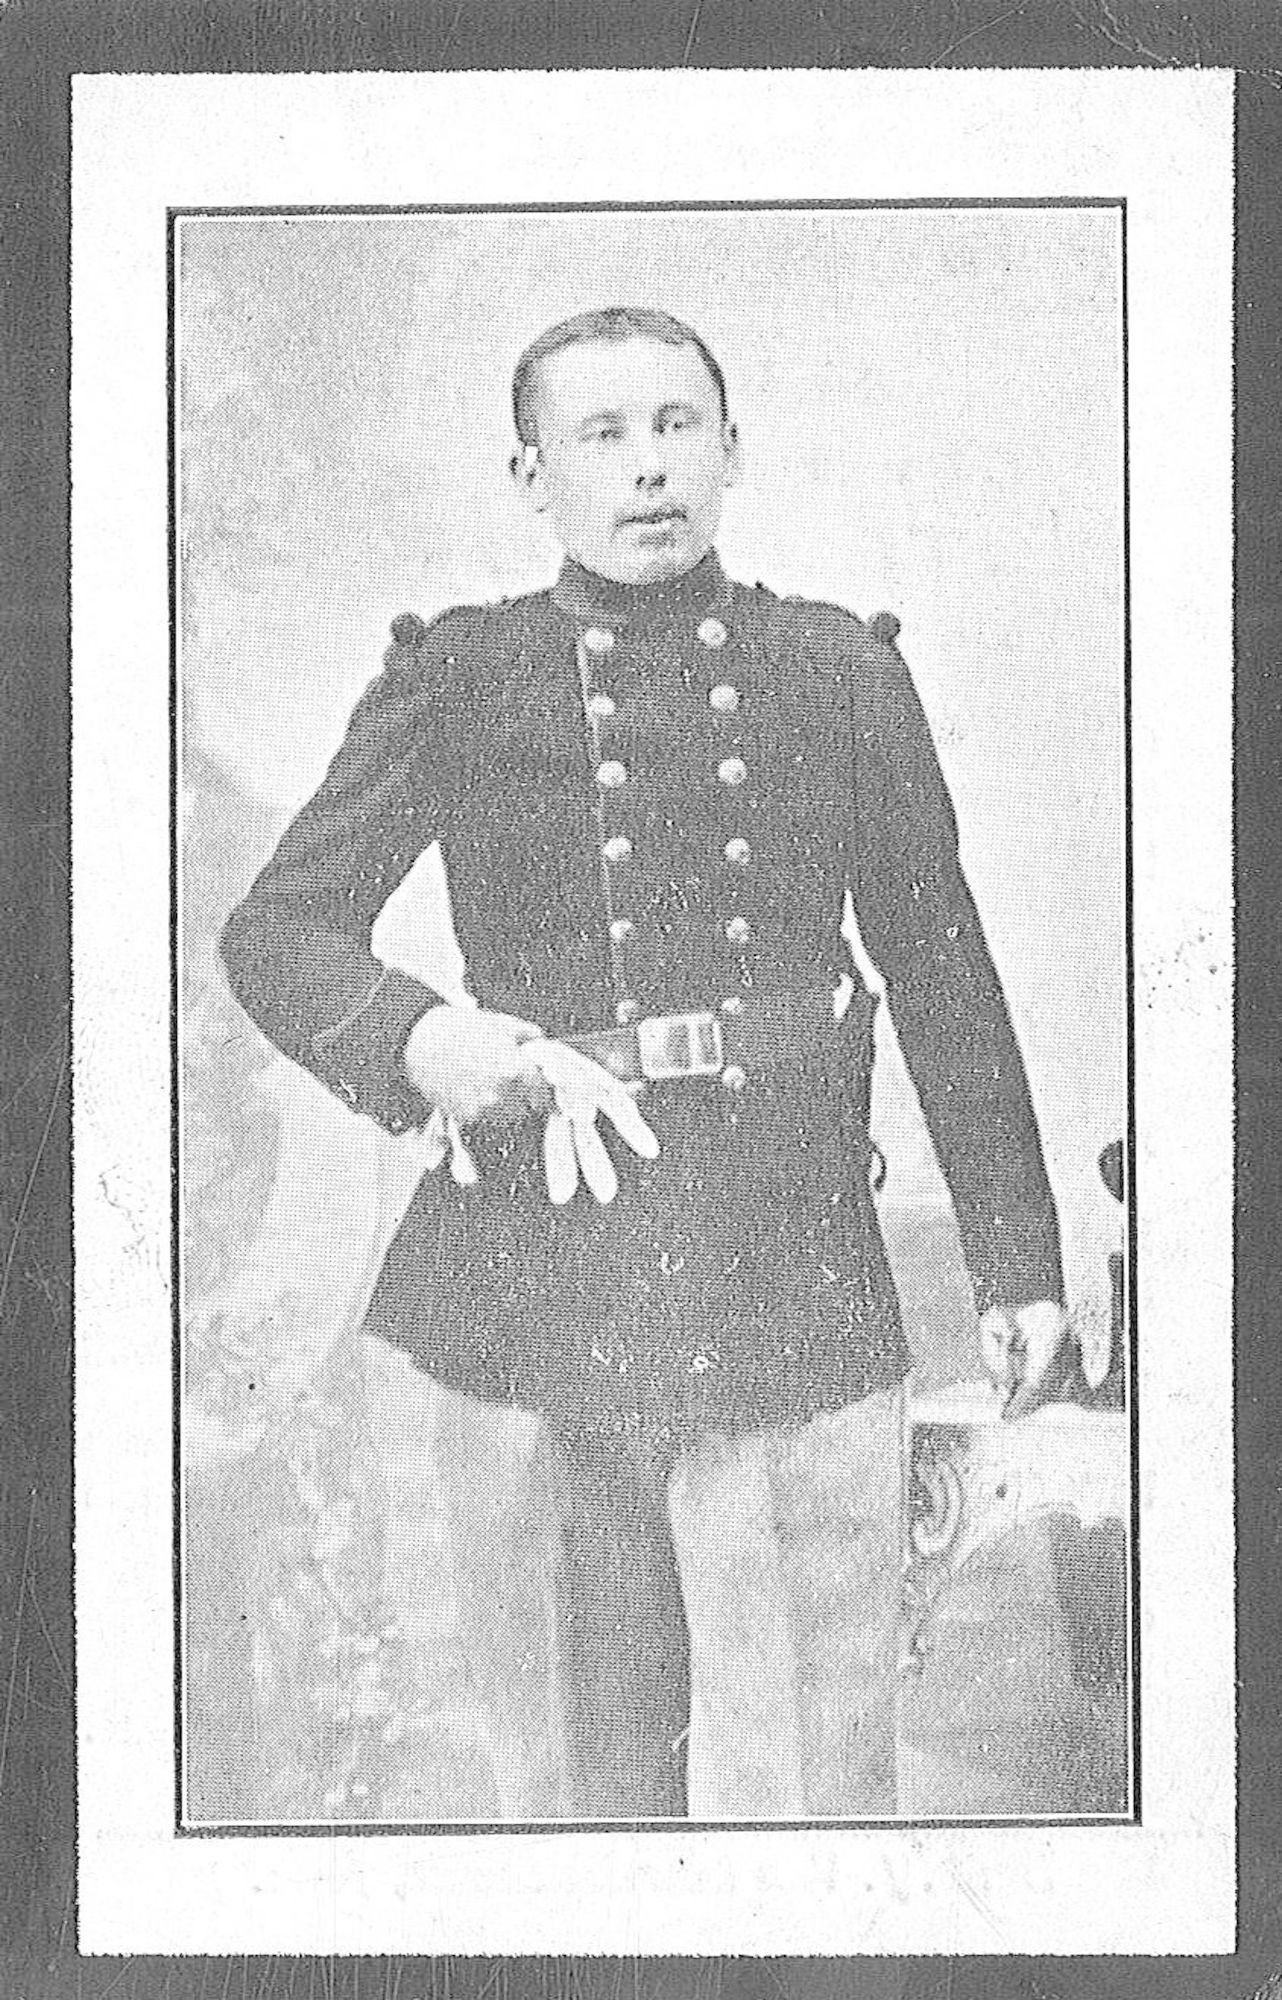 Pieter Lauwers